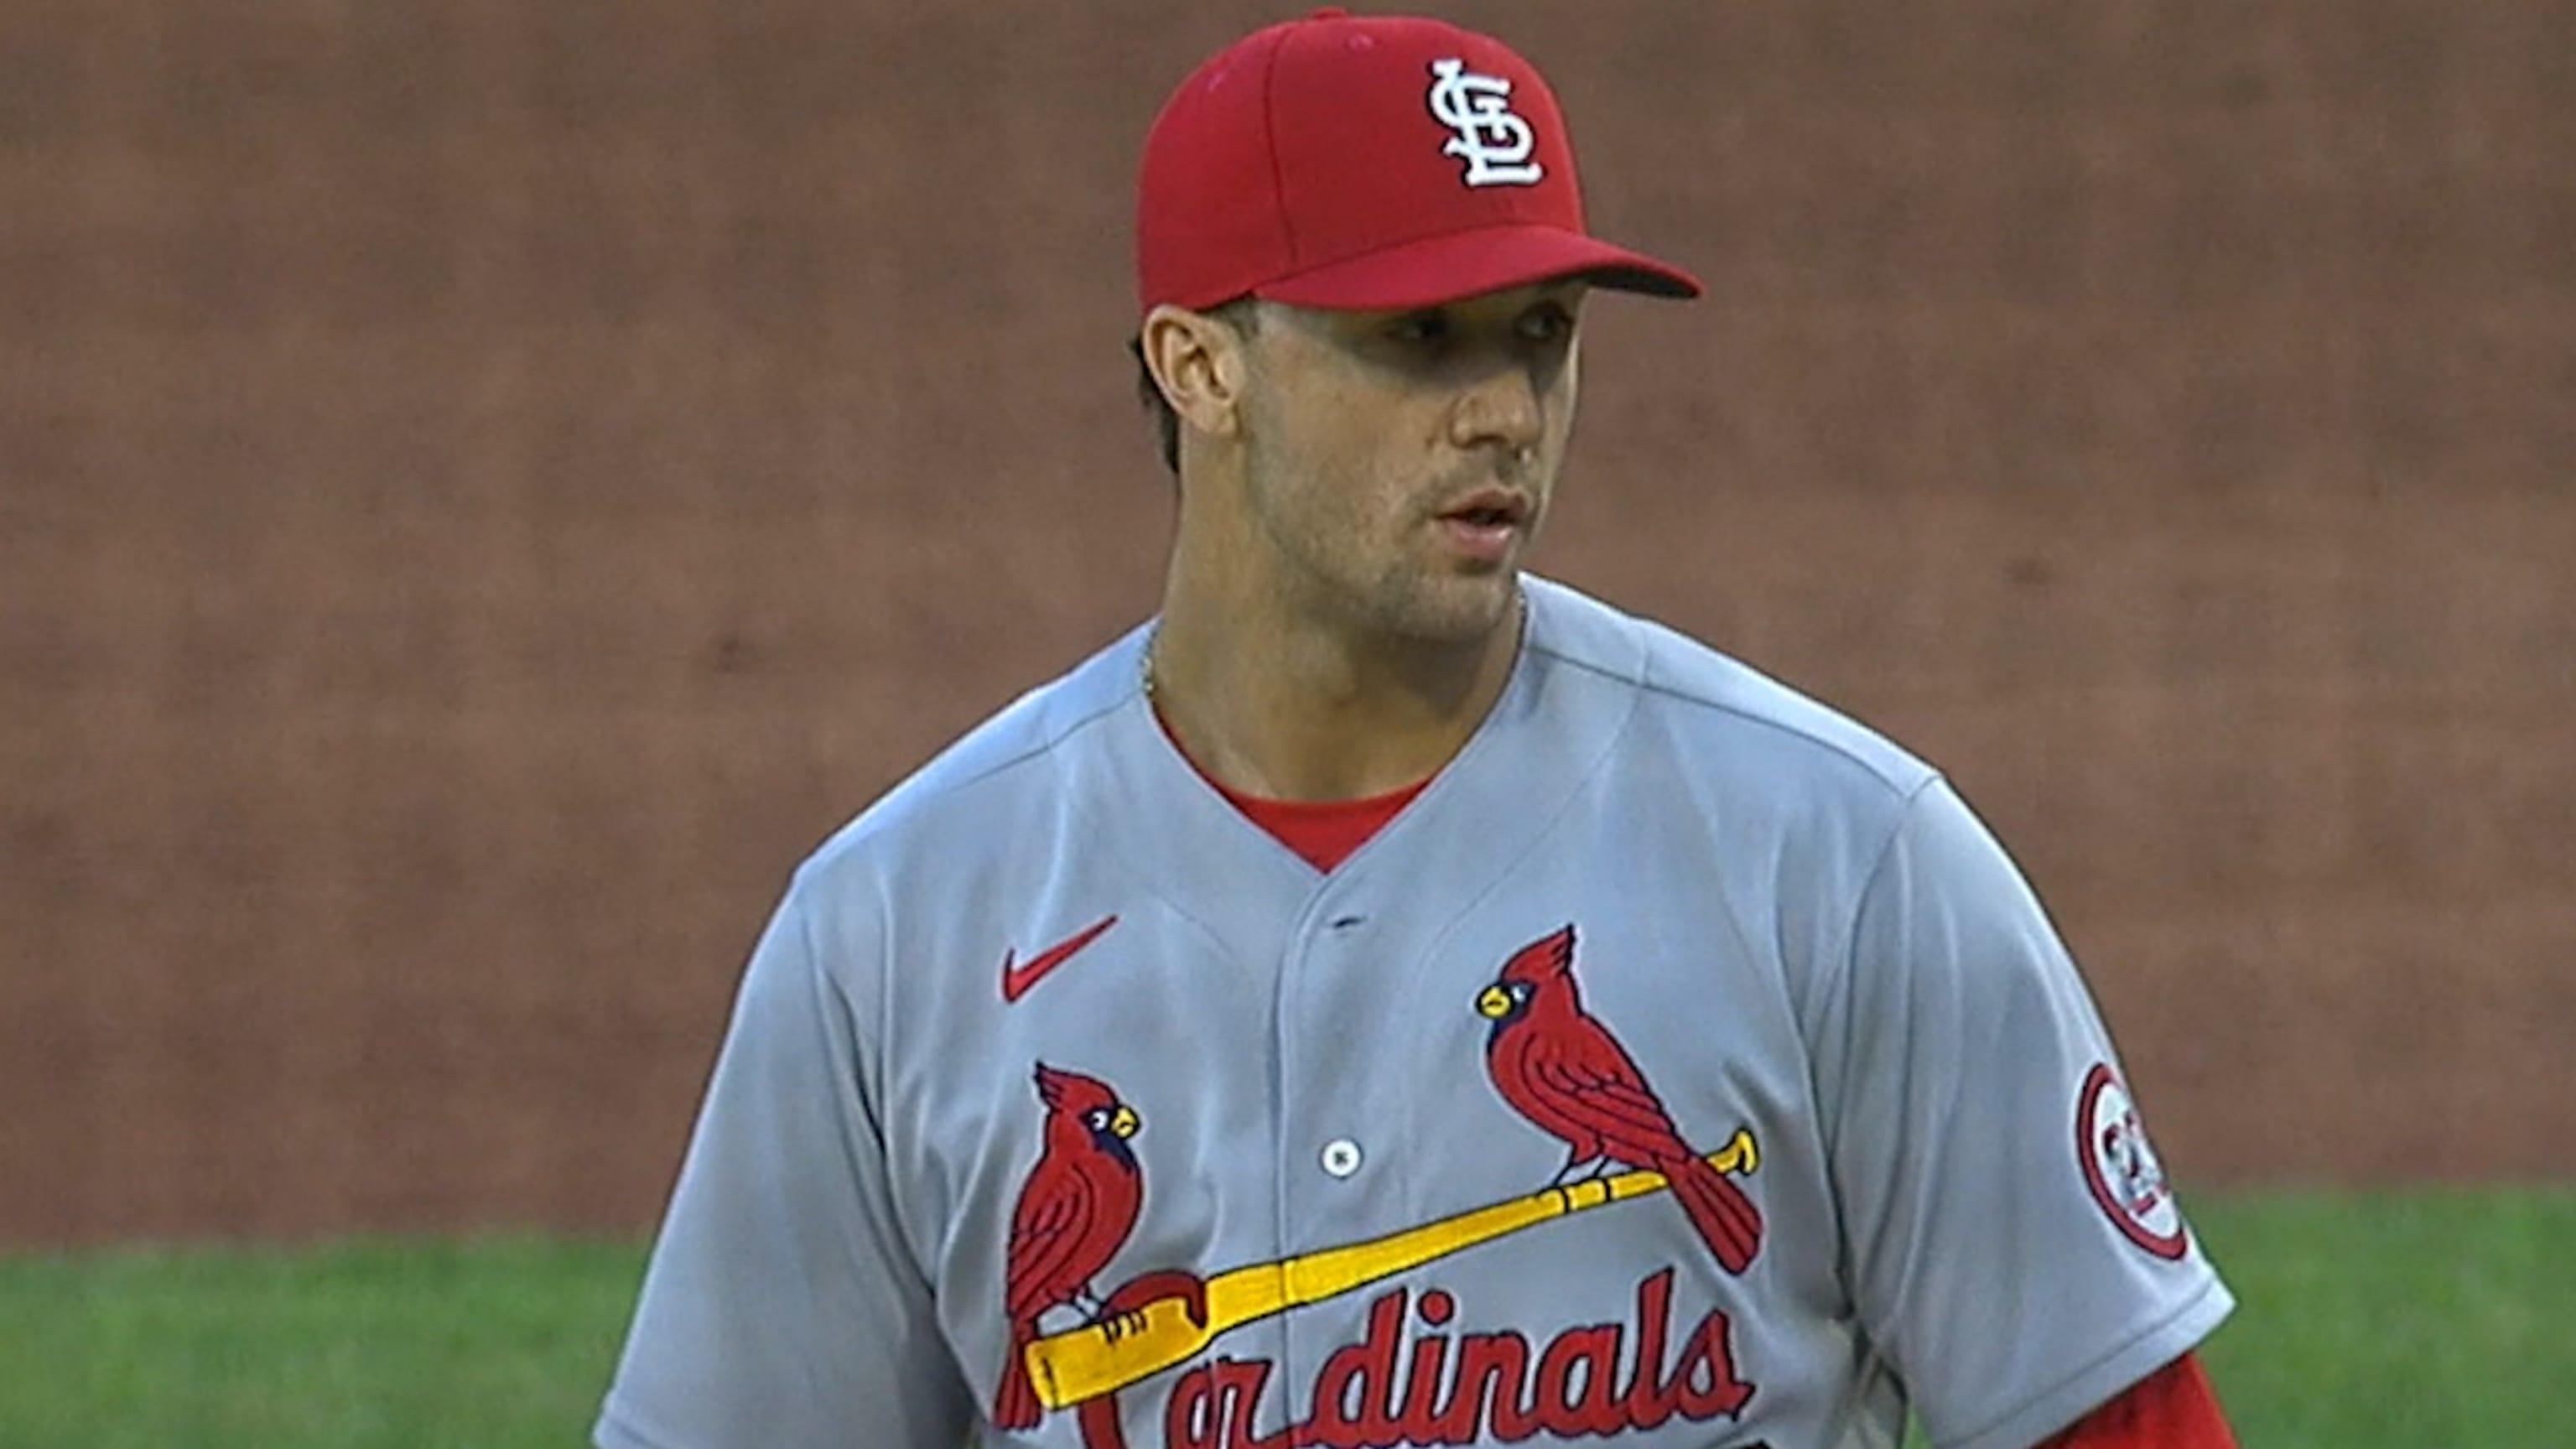 Bob Gibson St Louis Cardinals New Arrivals Legend Baseball Player Jersey